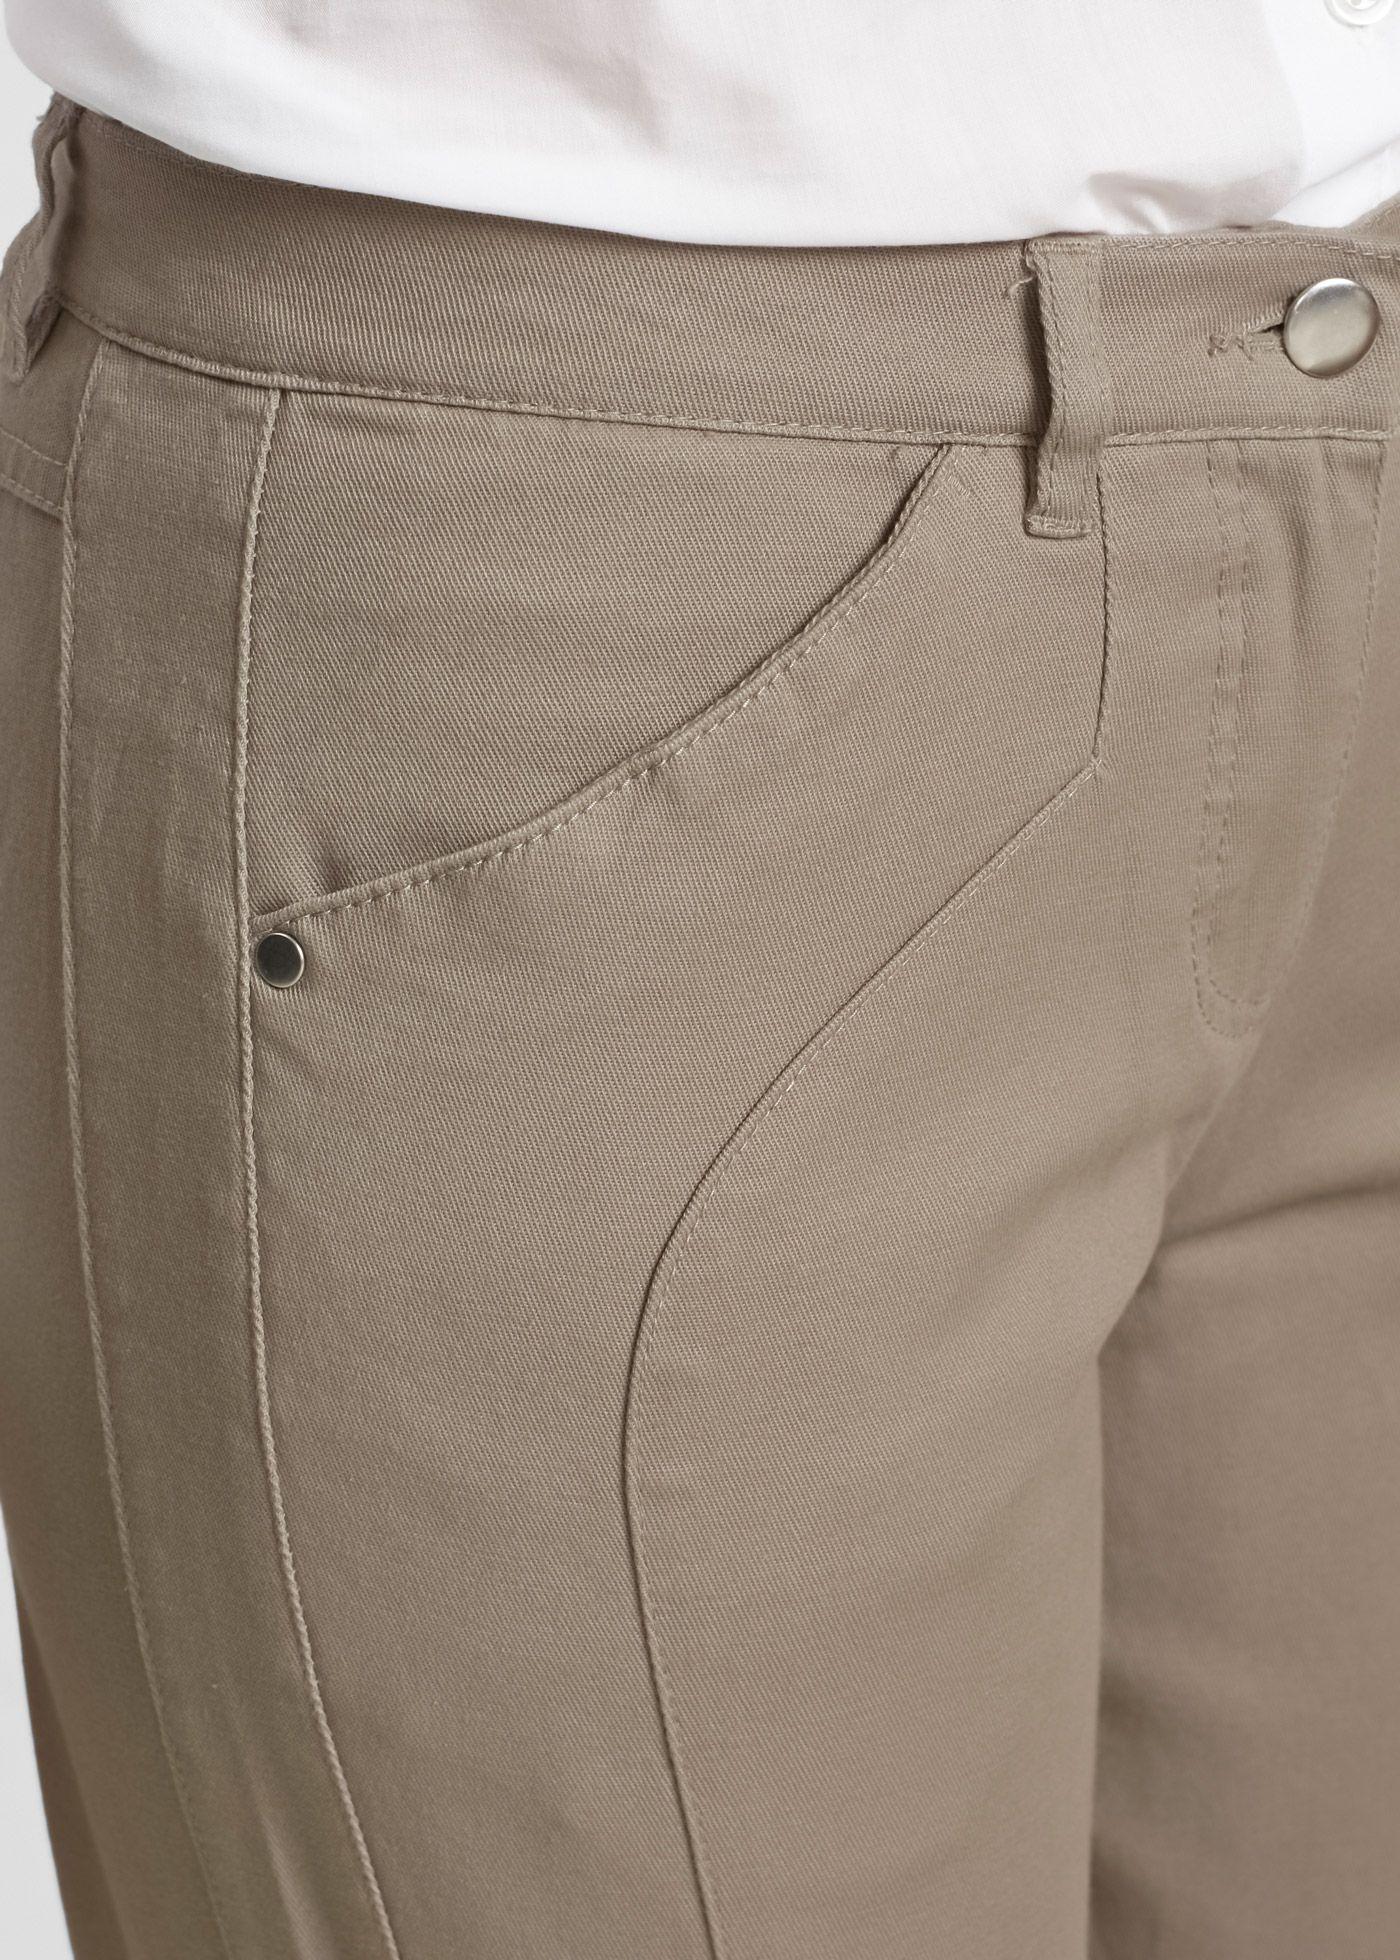 Pohodlné strečové kalhoty  fca44be1c6